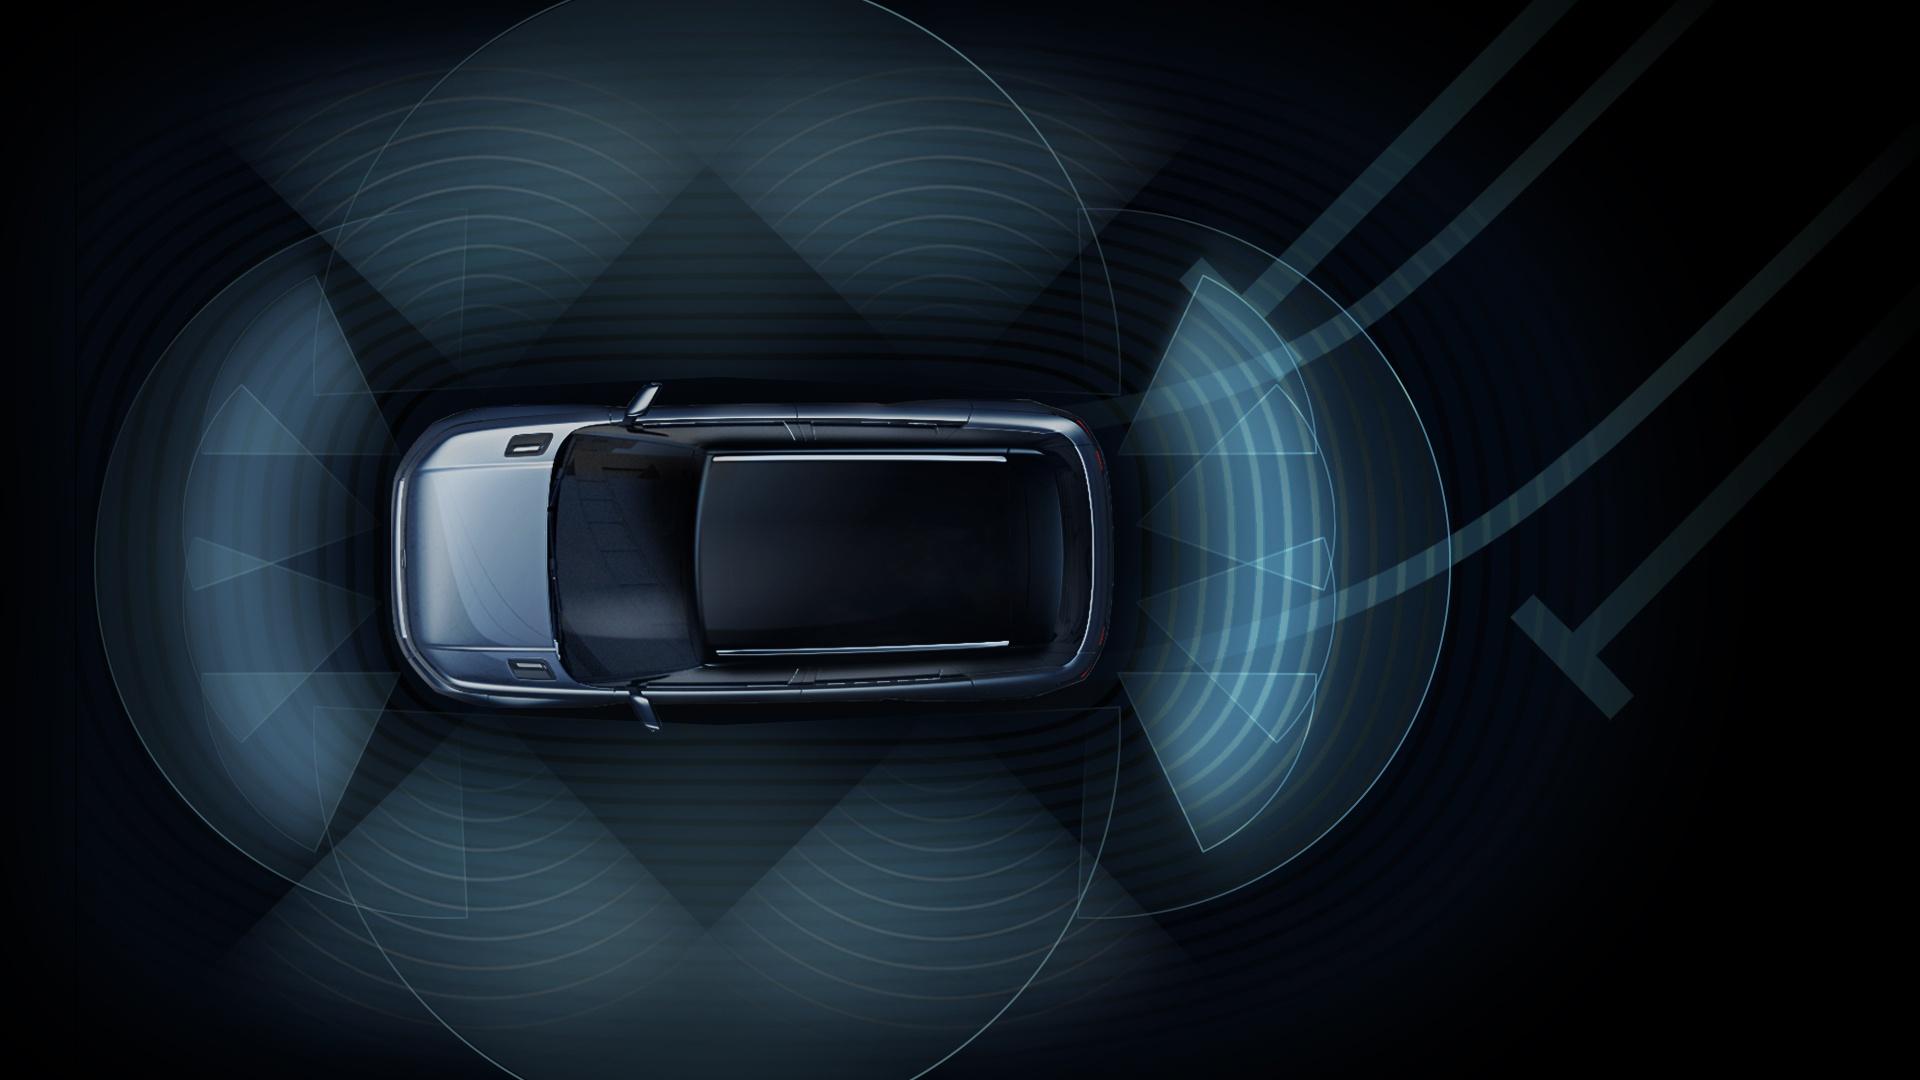 吉利icon L2+ 自动驾驶辅助系统